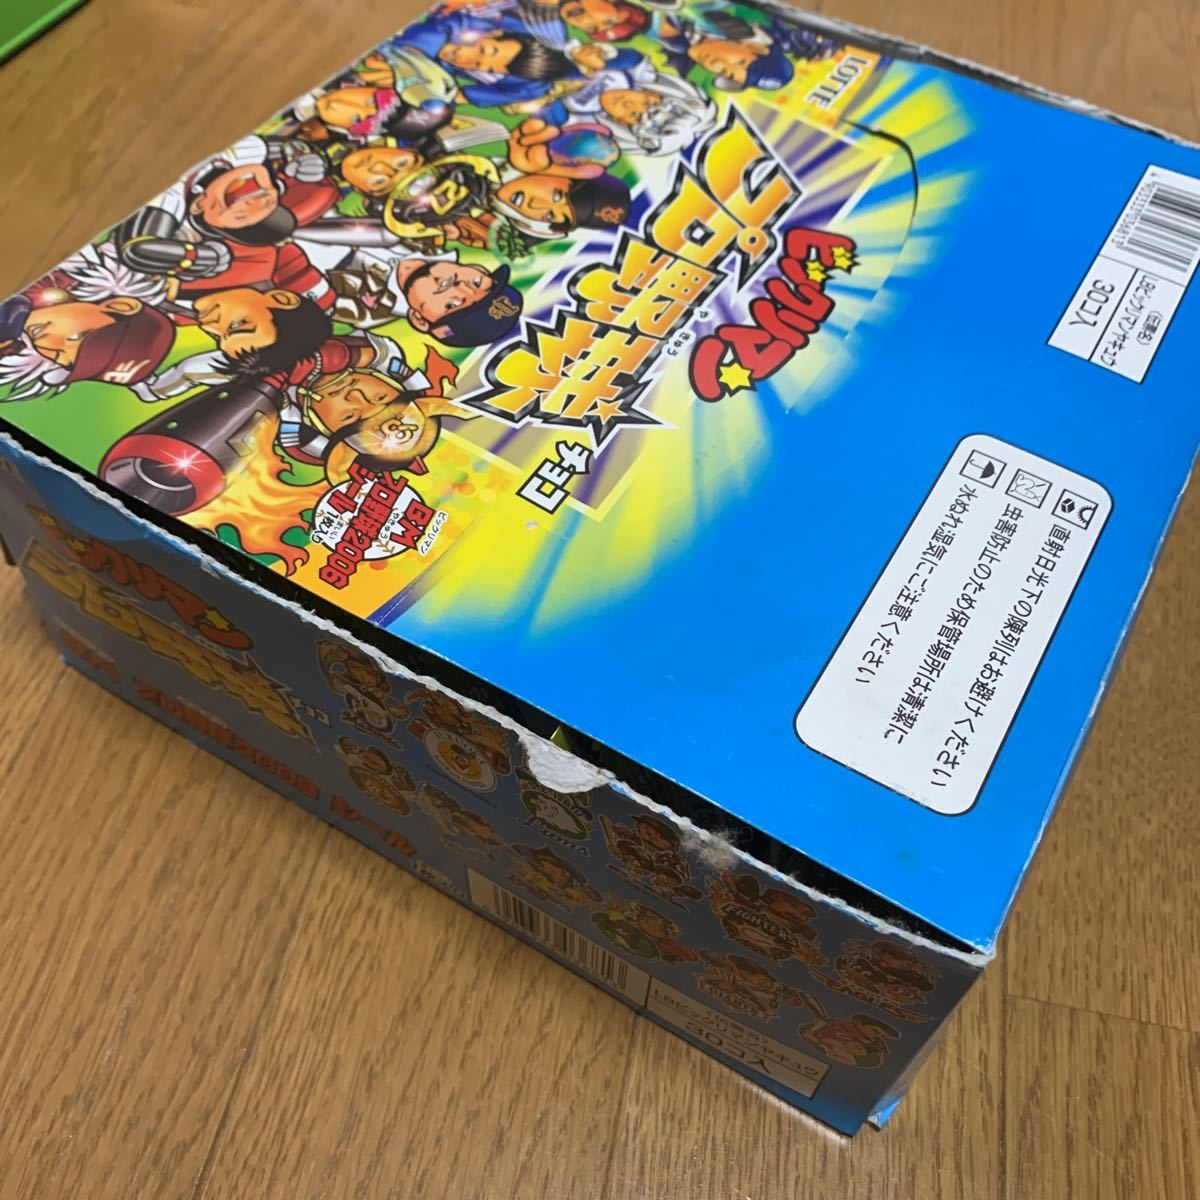 ロッテ ビックリマン プロ野球 2006 シール チョコ 未開封 25個 箱付き レア 当時もの コレクター マイナーシール_画像4